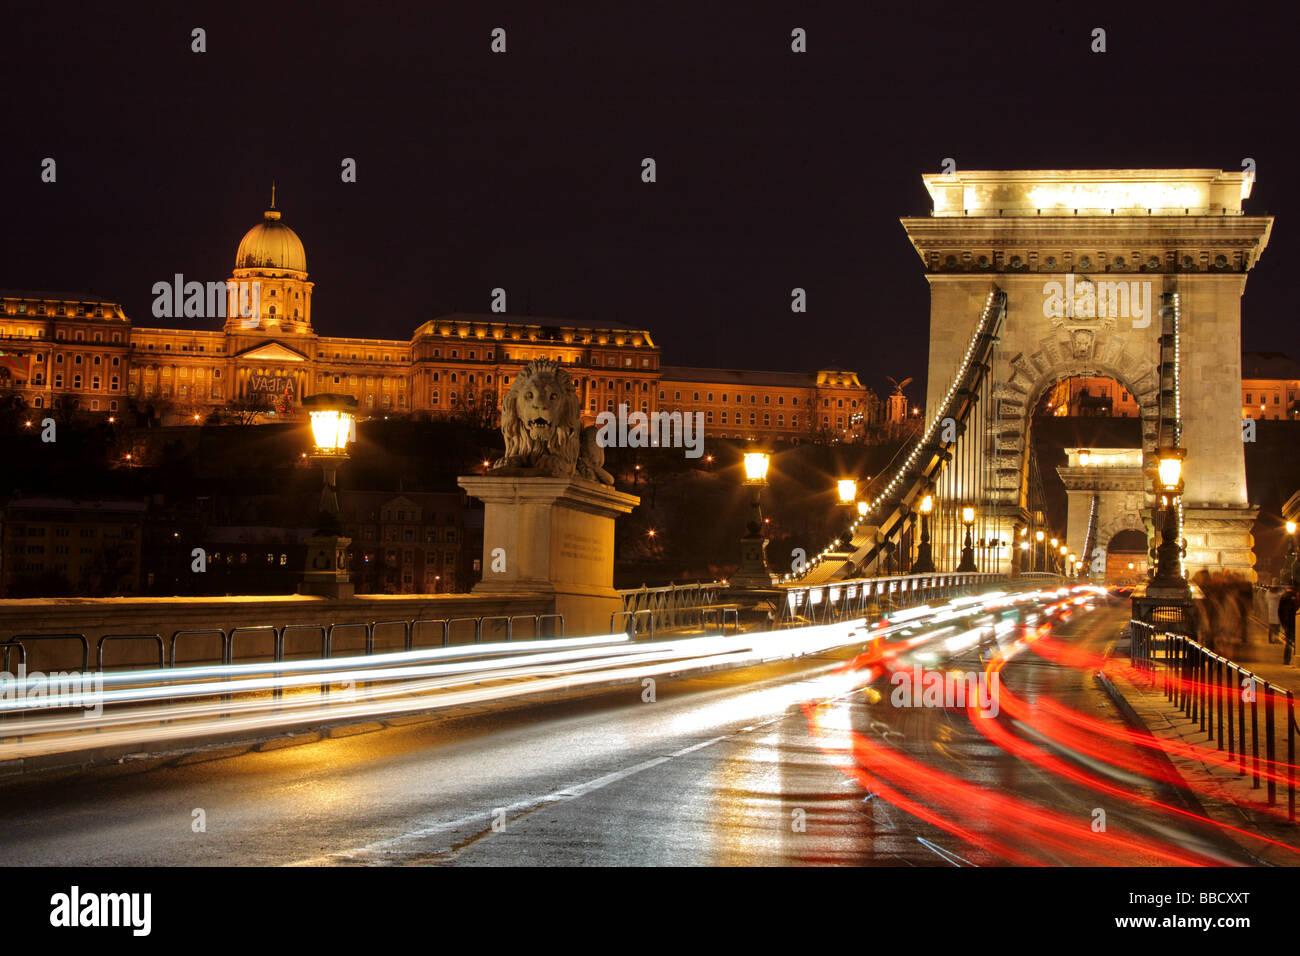 Verkehr an der Kettenbrücke und dem königlichen Palast von Buda in Budapest, Ungarn bei Nacht Stockbild